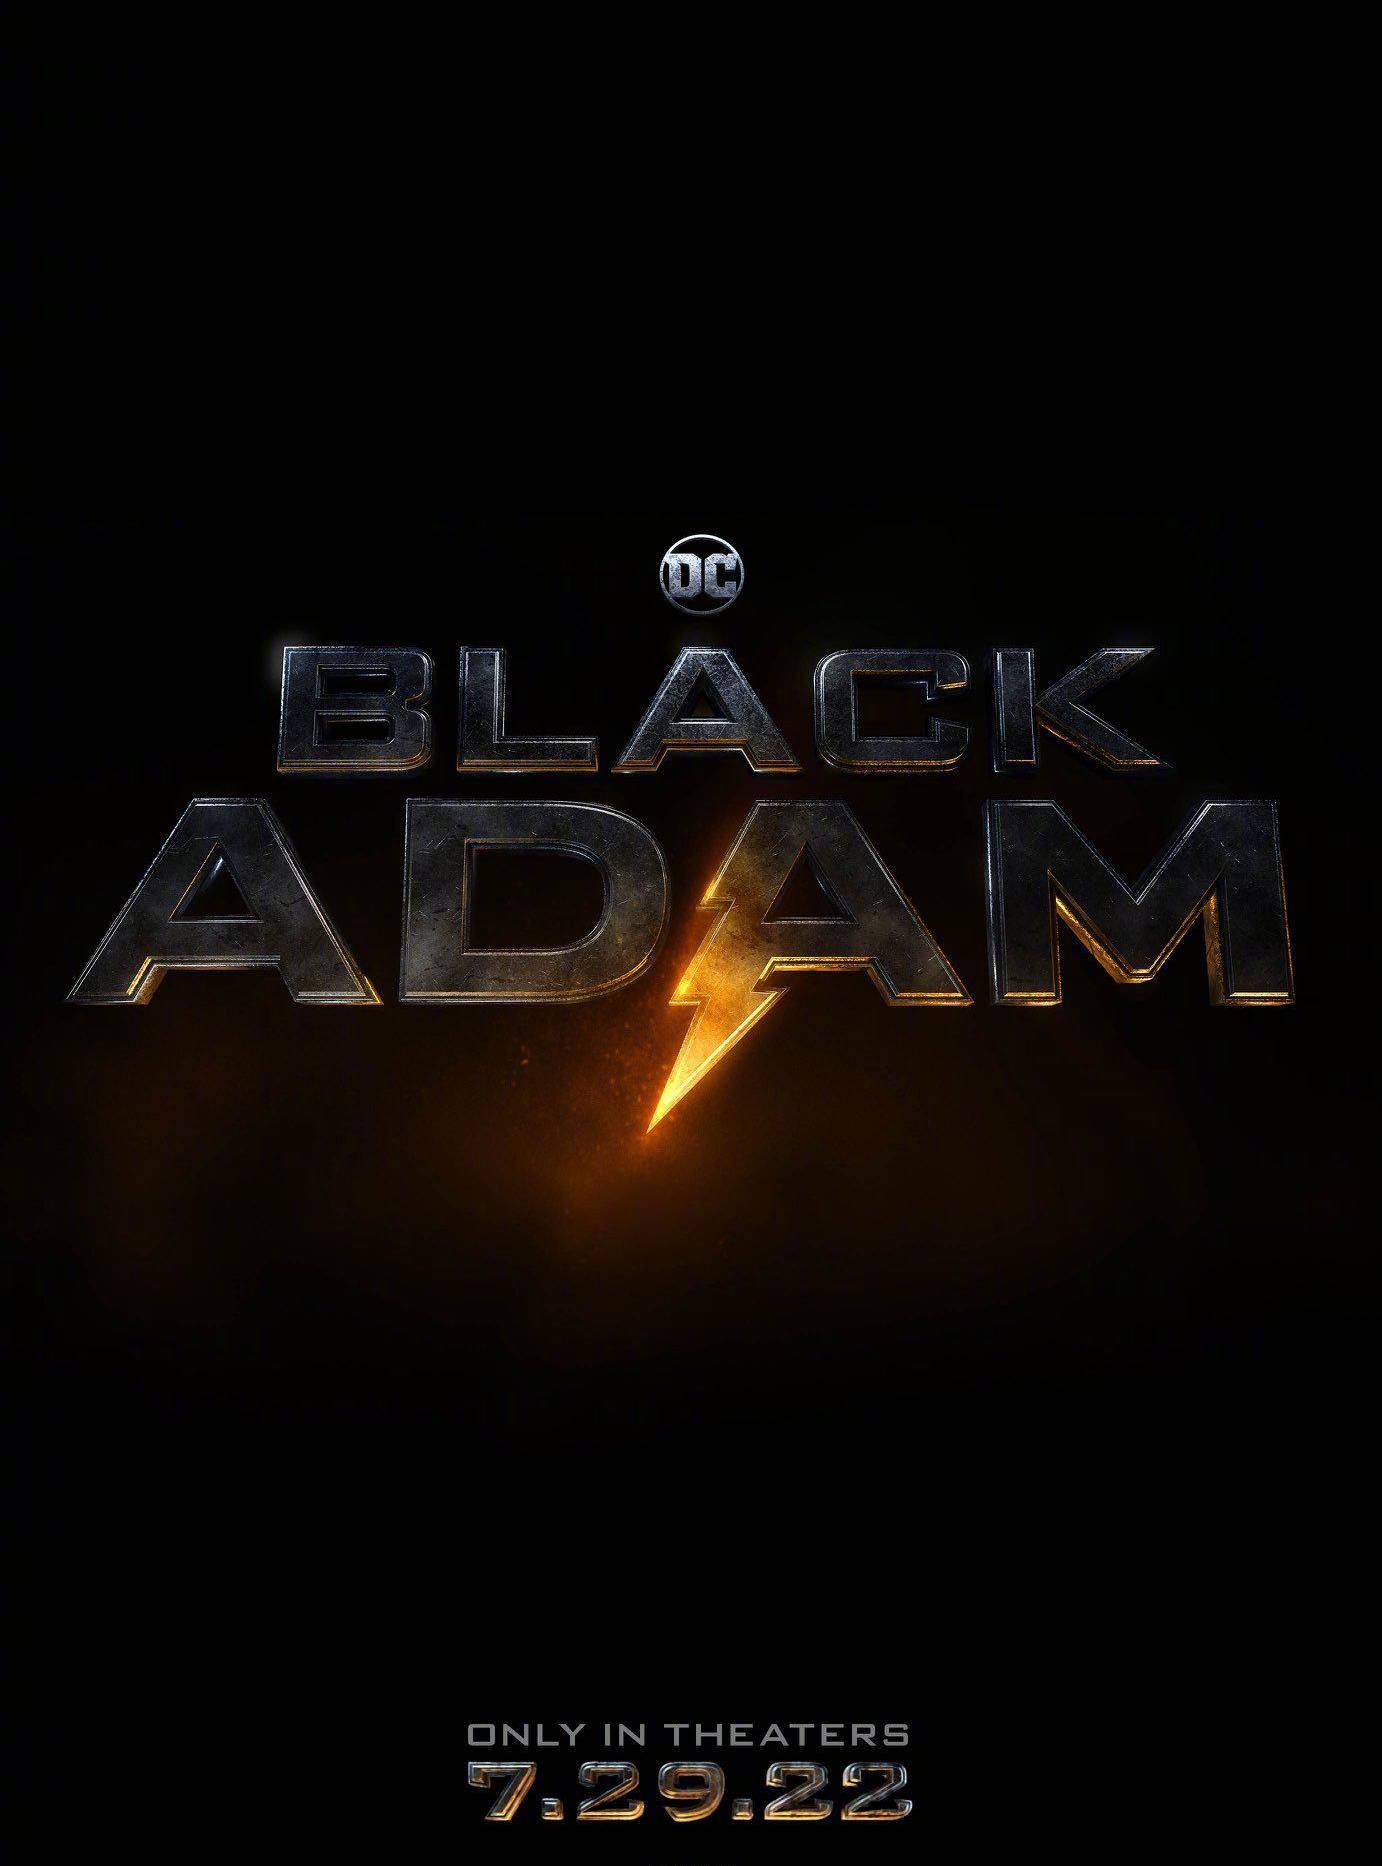 期待!道恩强森主演的DC新电影《黑亚当》定档